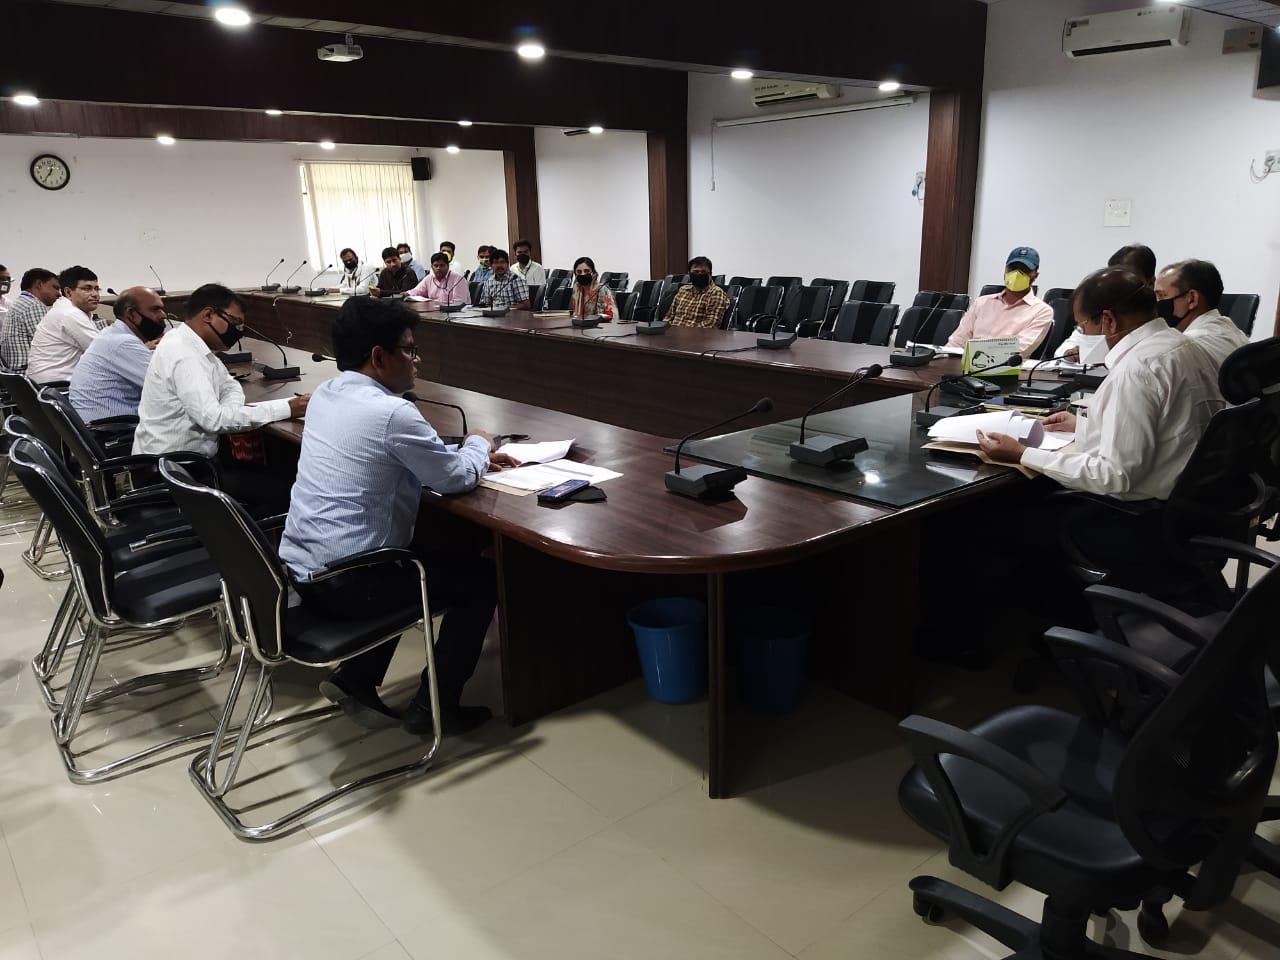 हिंदी समाचार |कोविड-19 महामारी के दृष्टिगत...